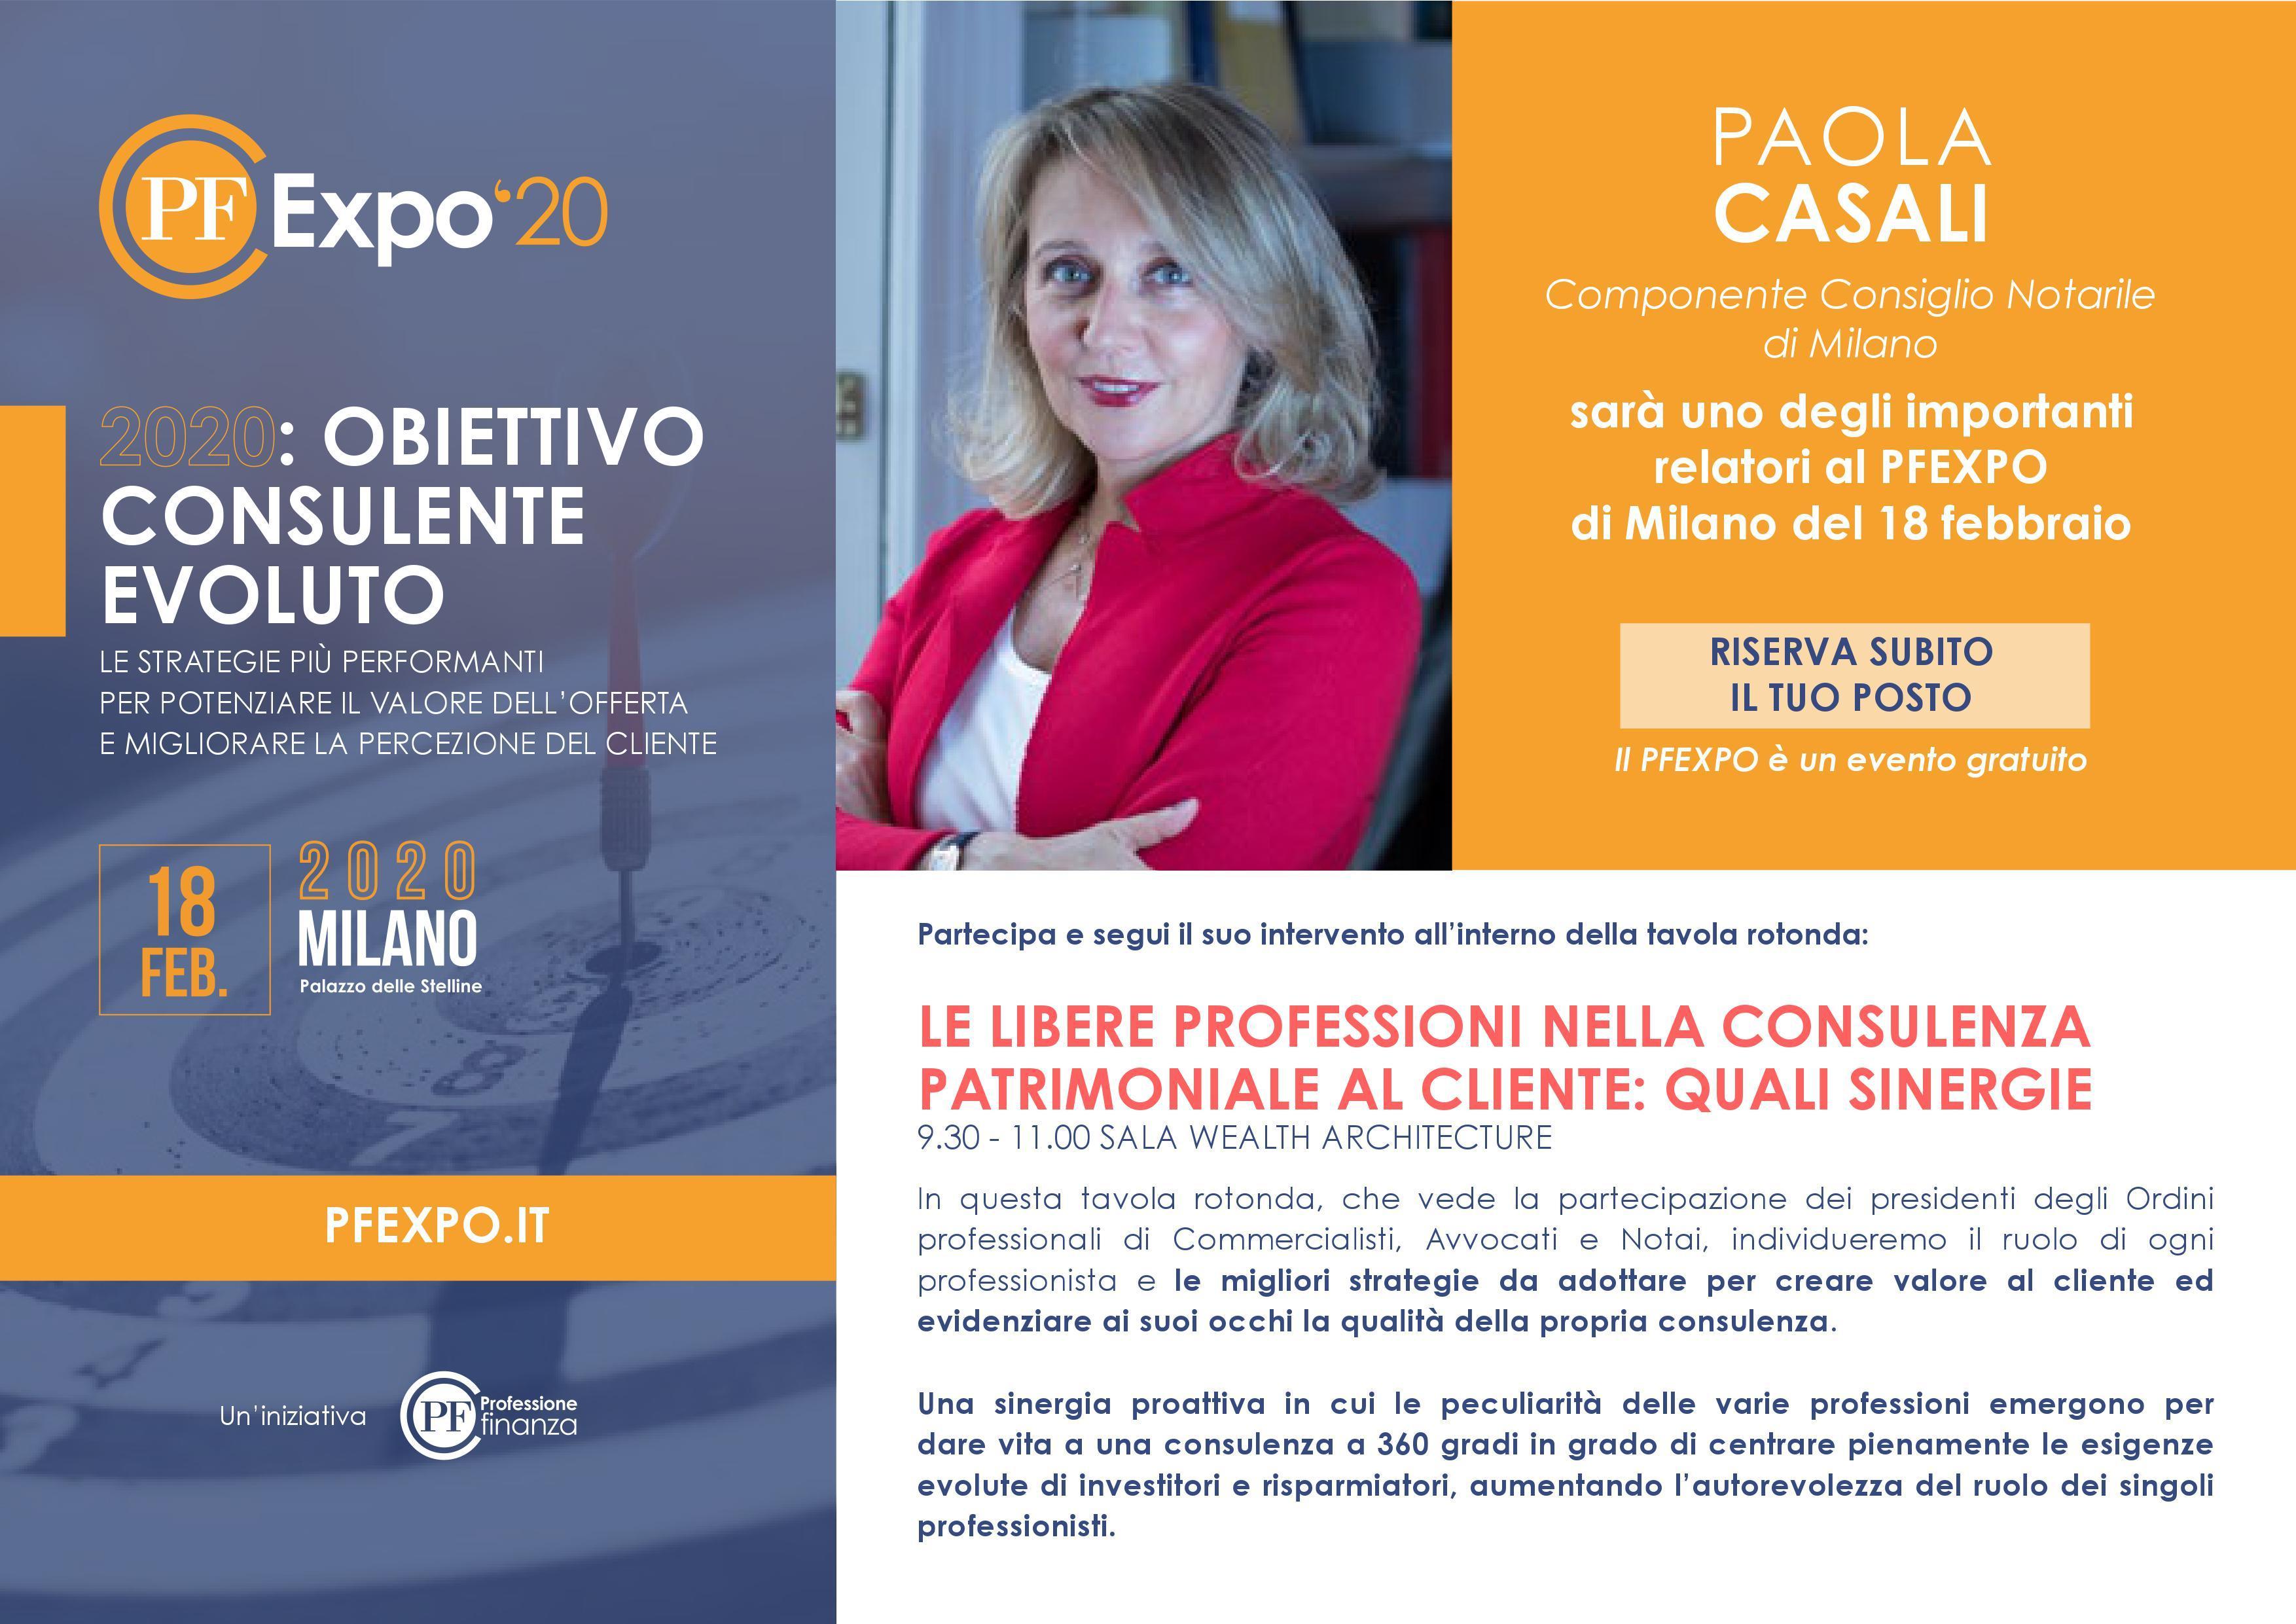 PFEXPO: evento formativo dedicato ai professionisti della consulenza